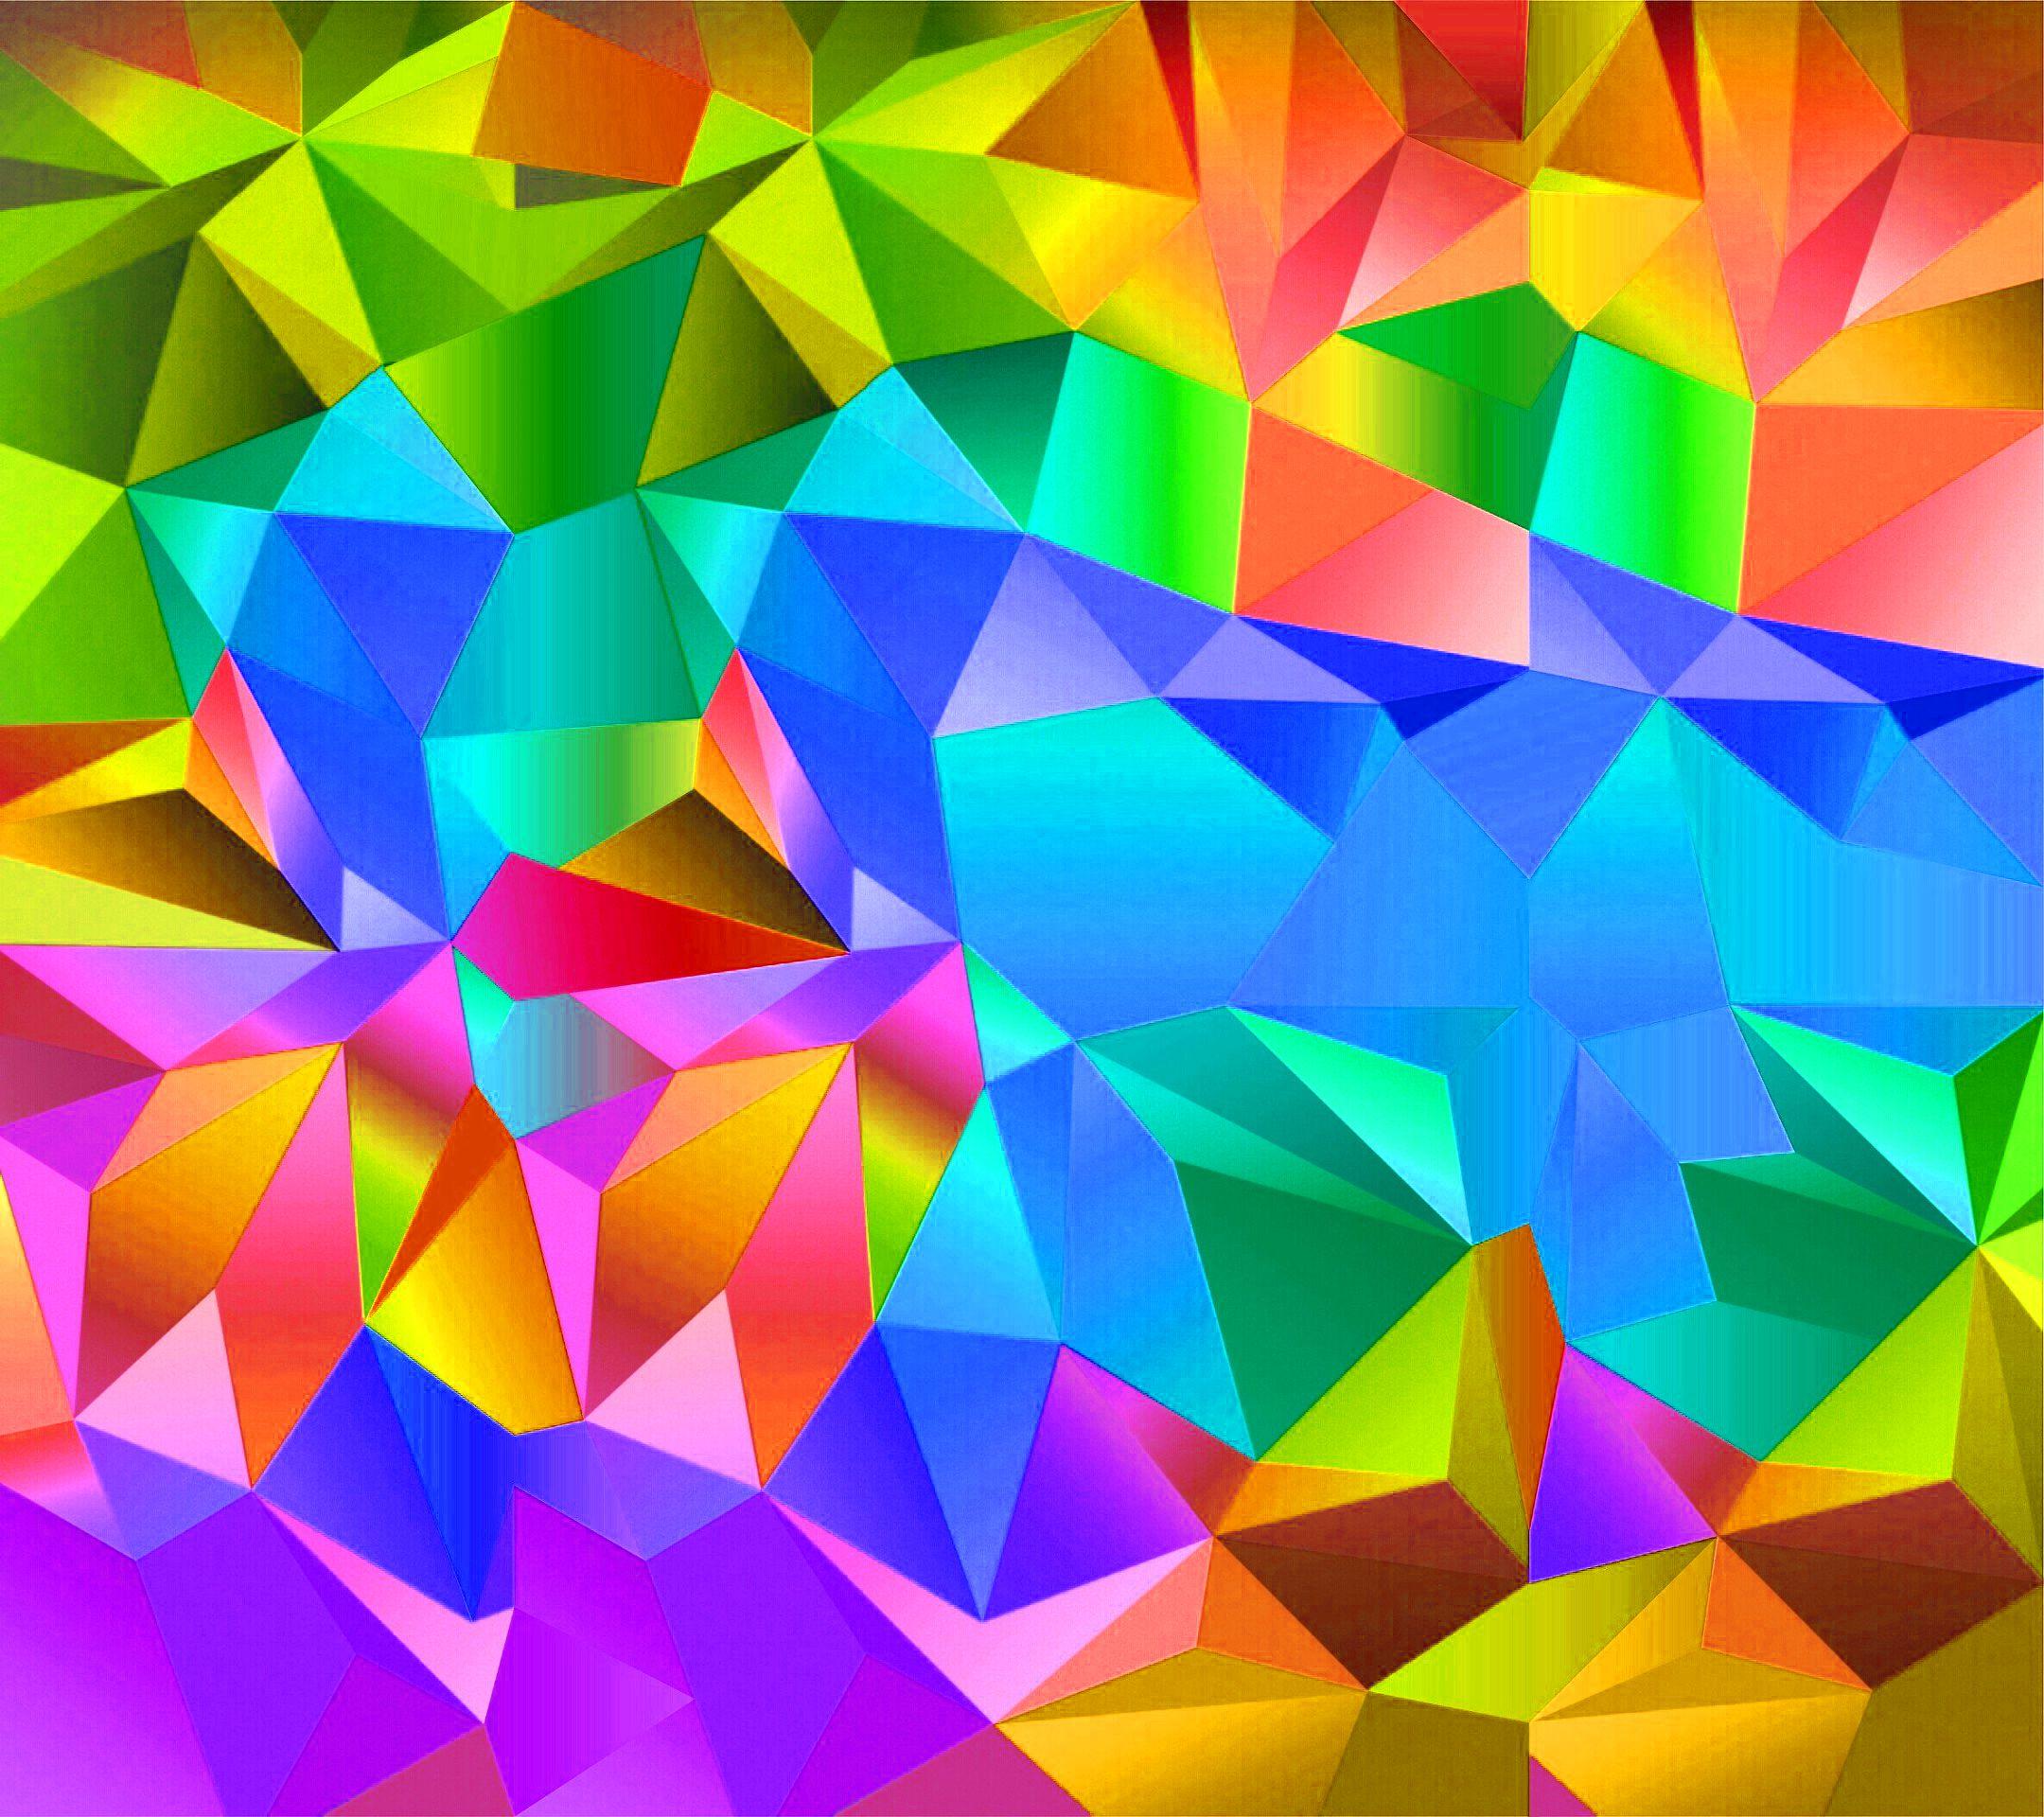 Gallery 26 Color Galaxy S5 Hd Wallpaper Default 2 Original Jpg